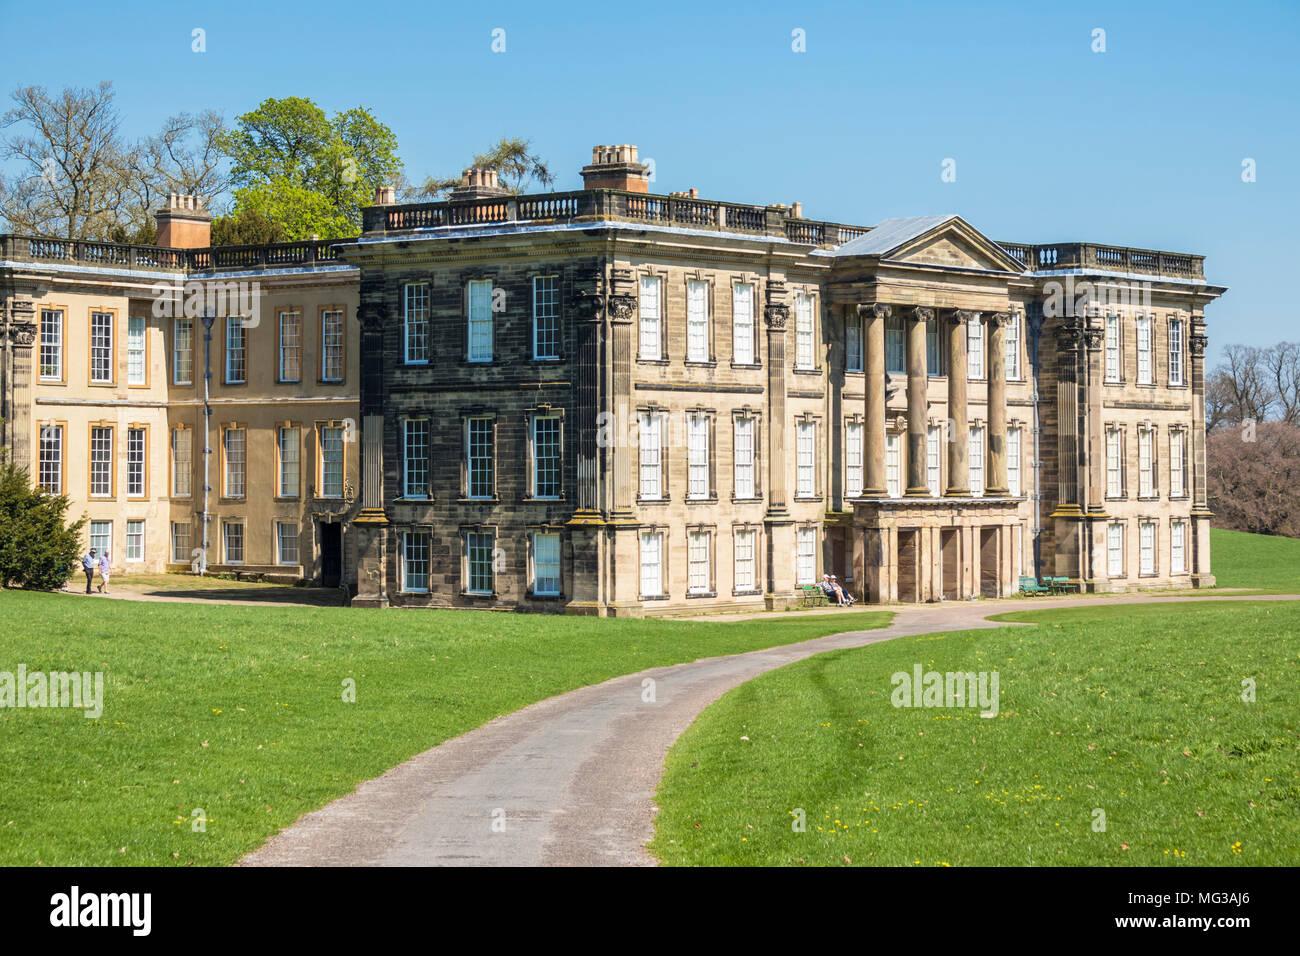 Calke Abtei Derbyshire Herrenhaus uk Calke Abtei Ticknall Derbyshire England uk gb Europapark Stockbild